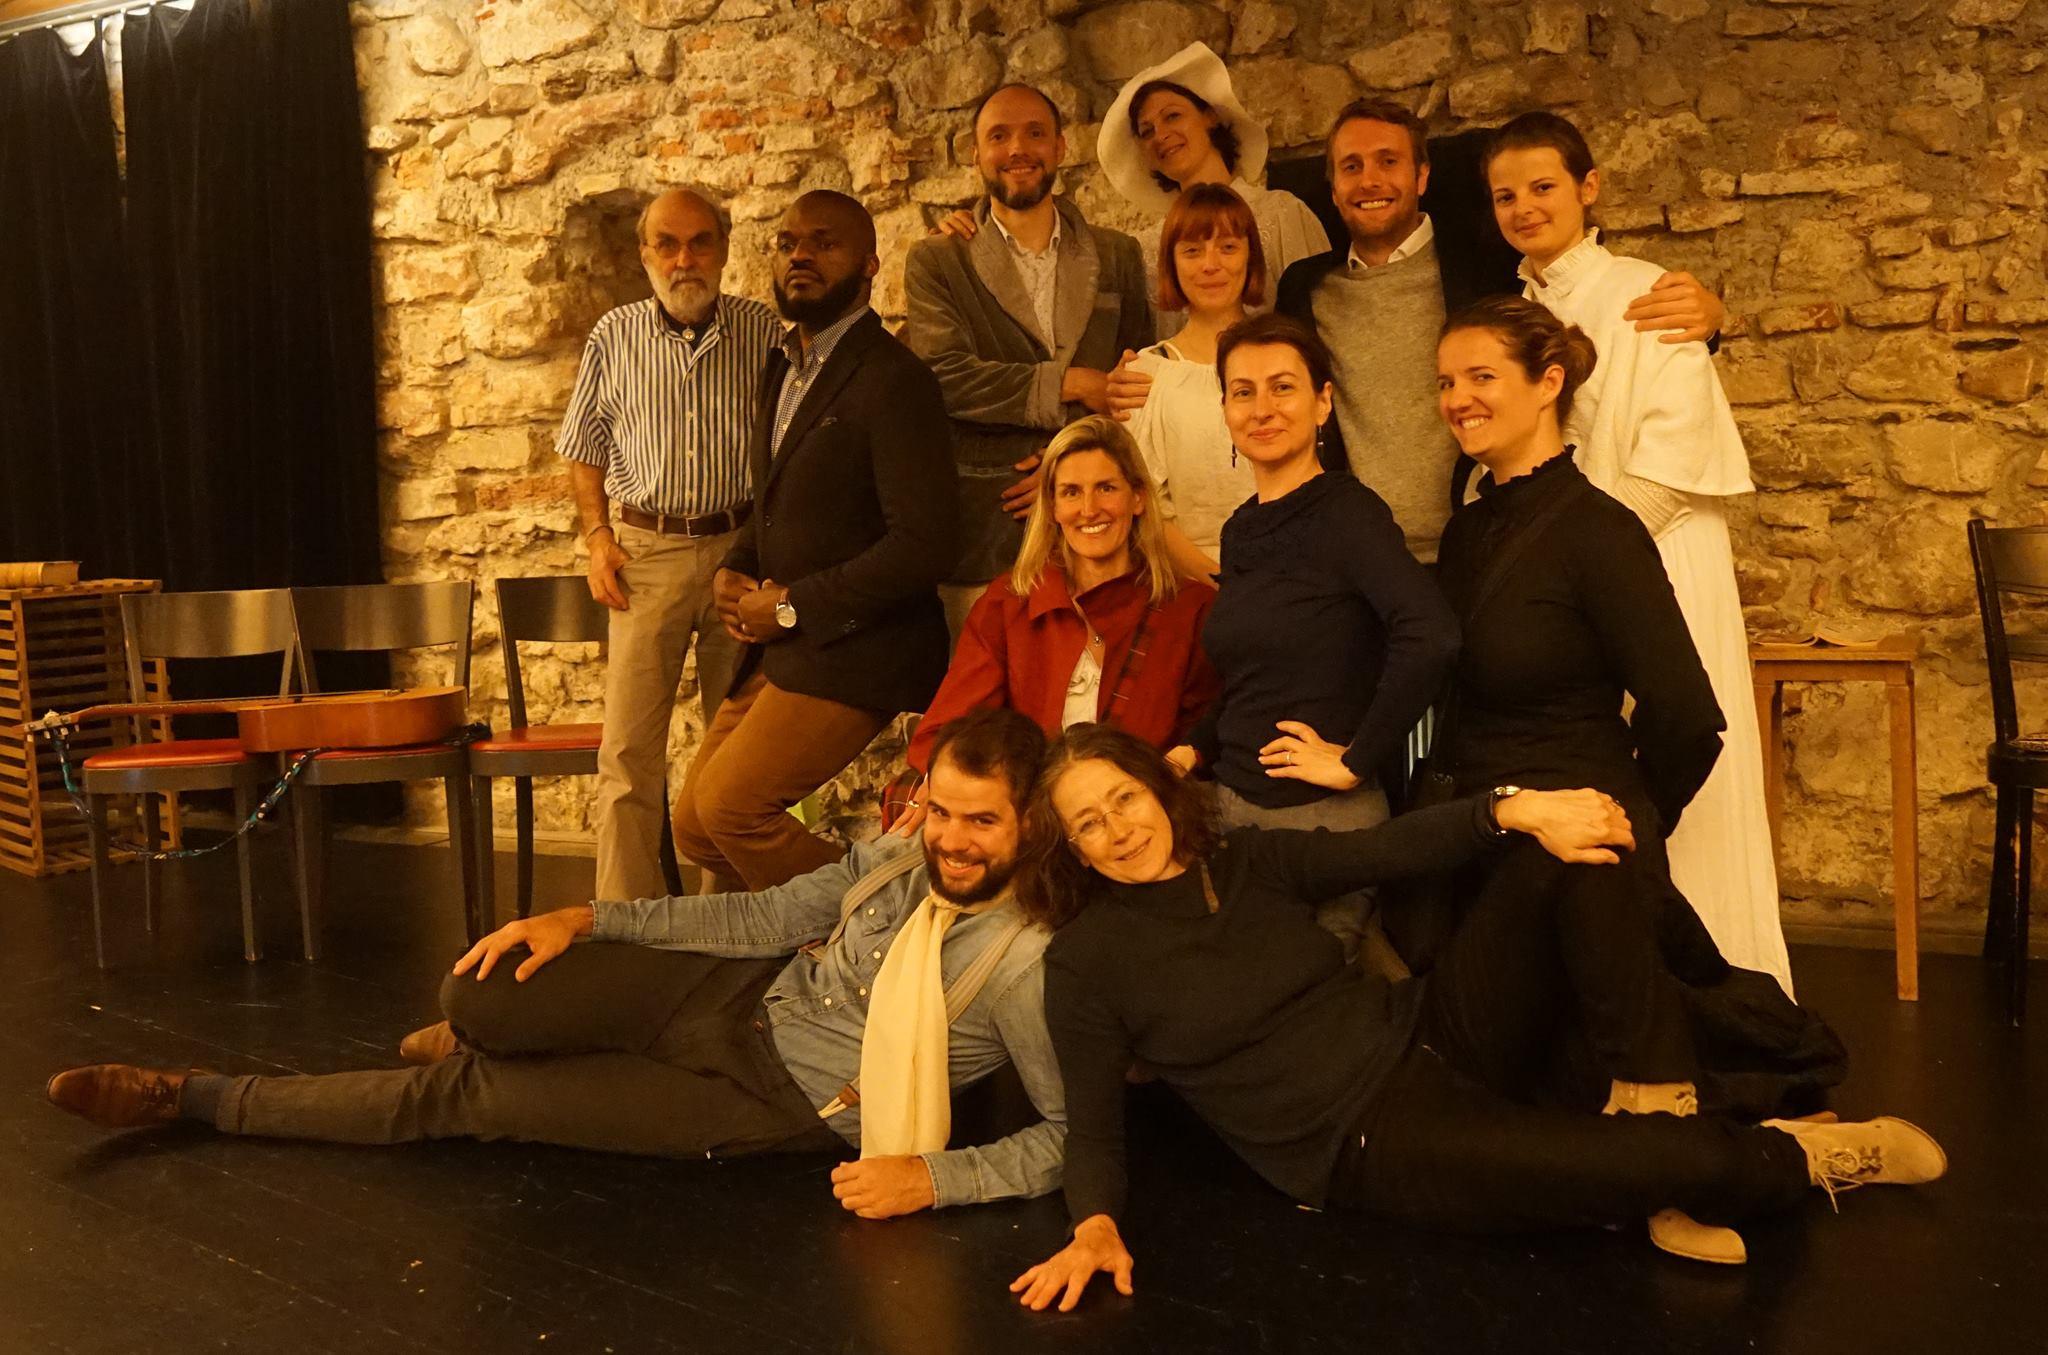 La Cerisaie par la troupe de théâtre Macha et Compagnie